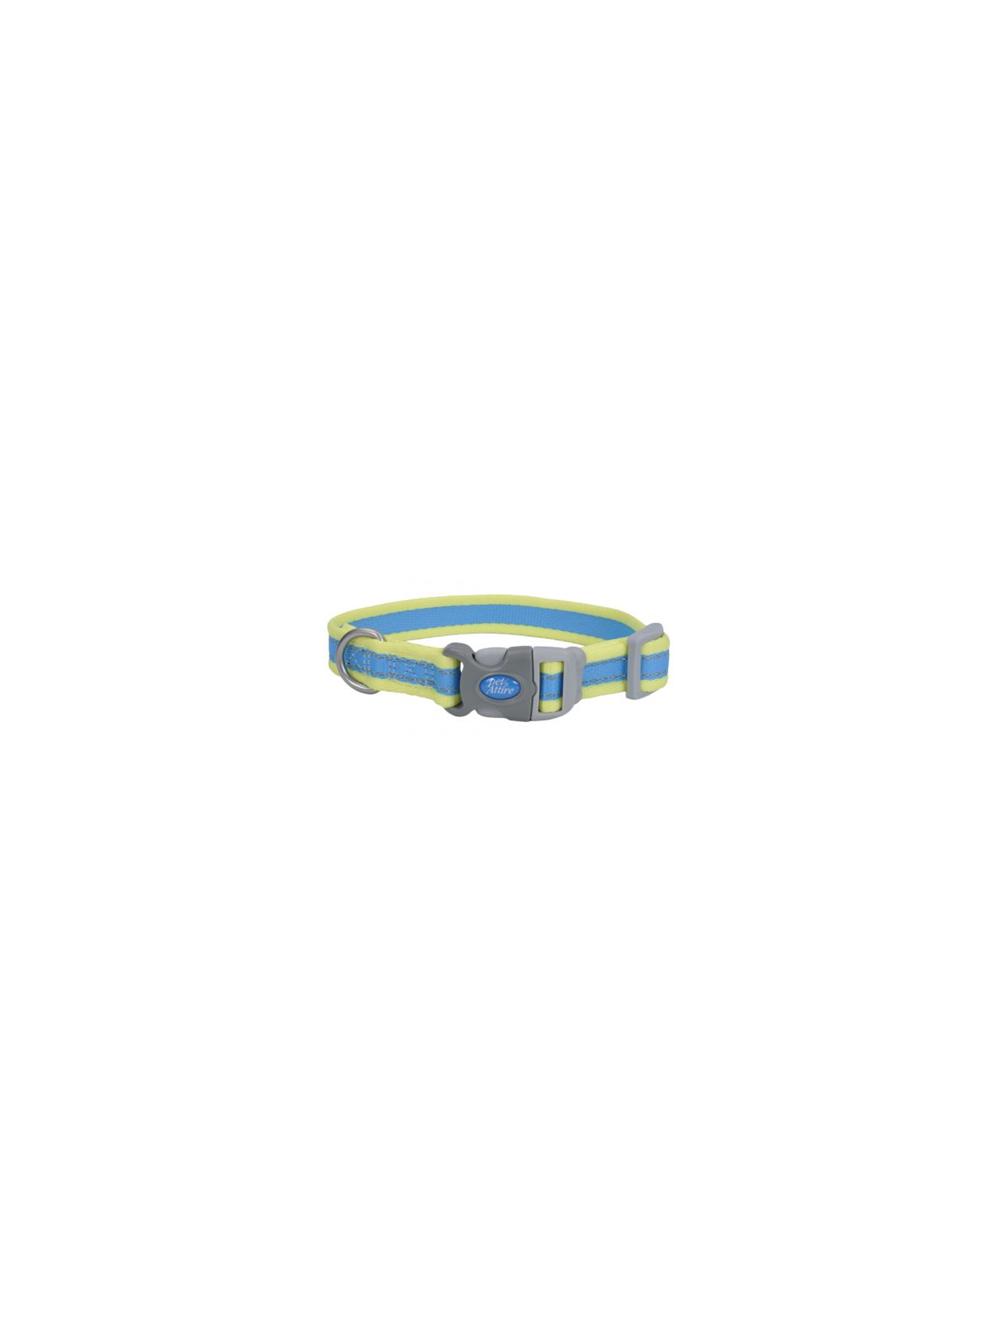 Collar Pro Azul Con Amarillo Neón Small 3/4 - P80